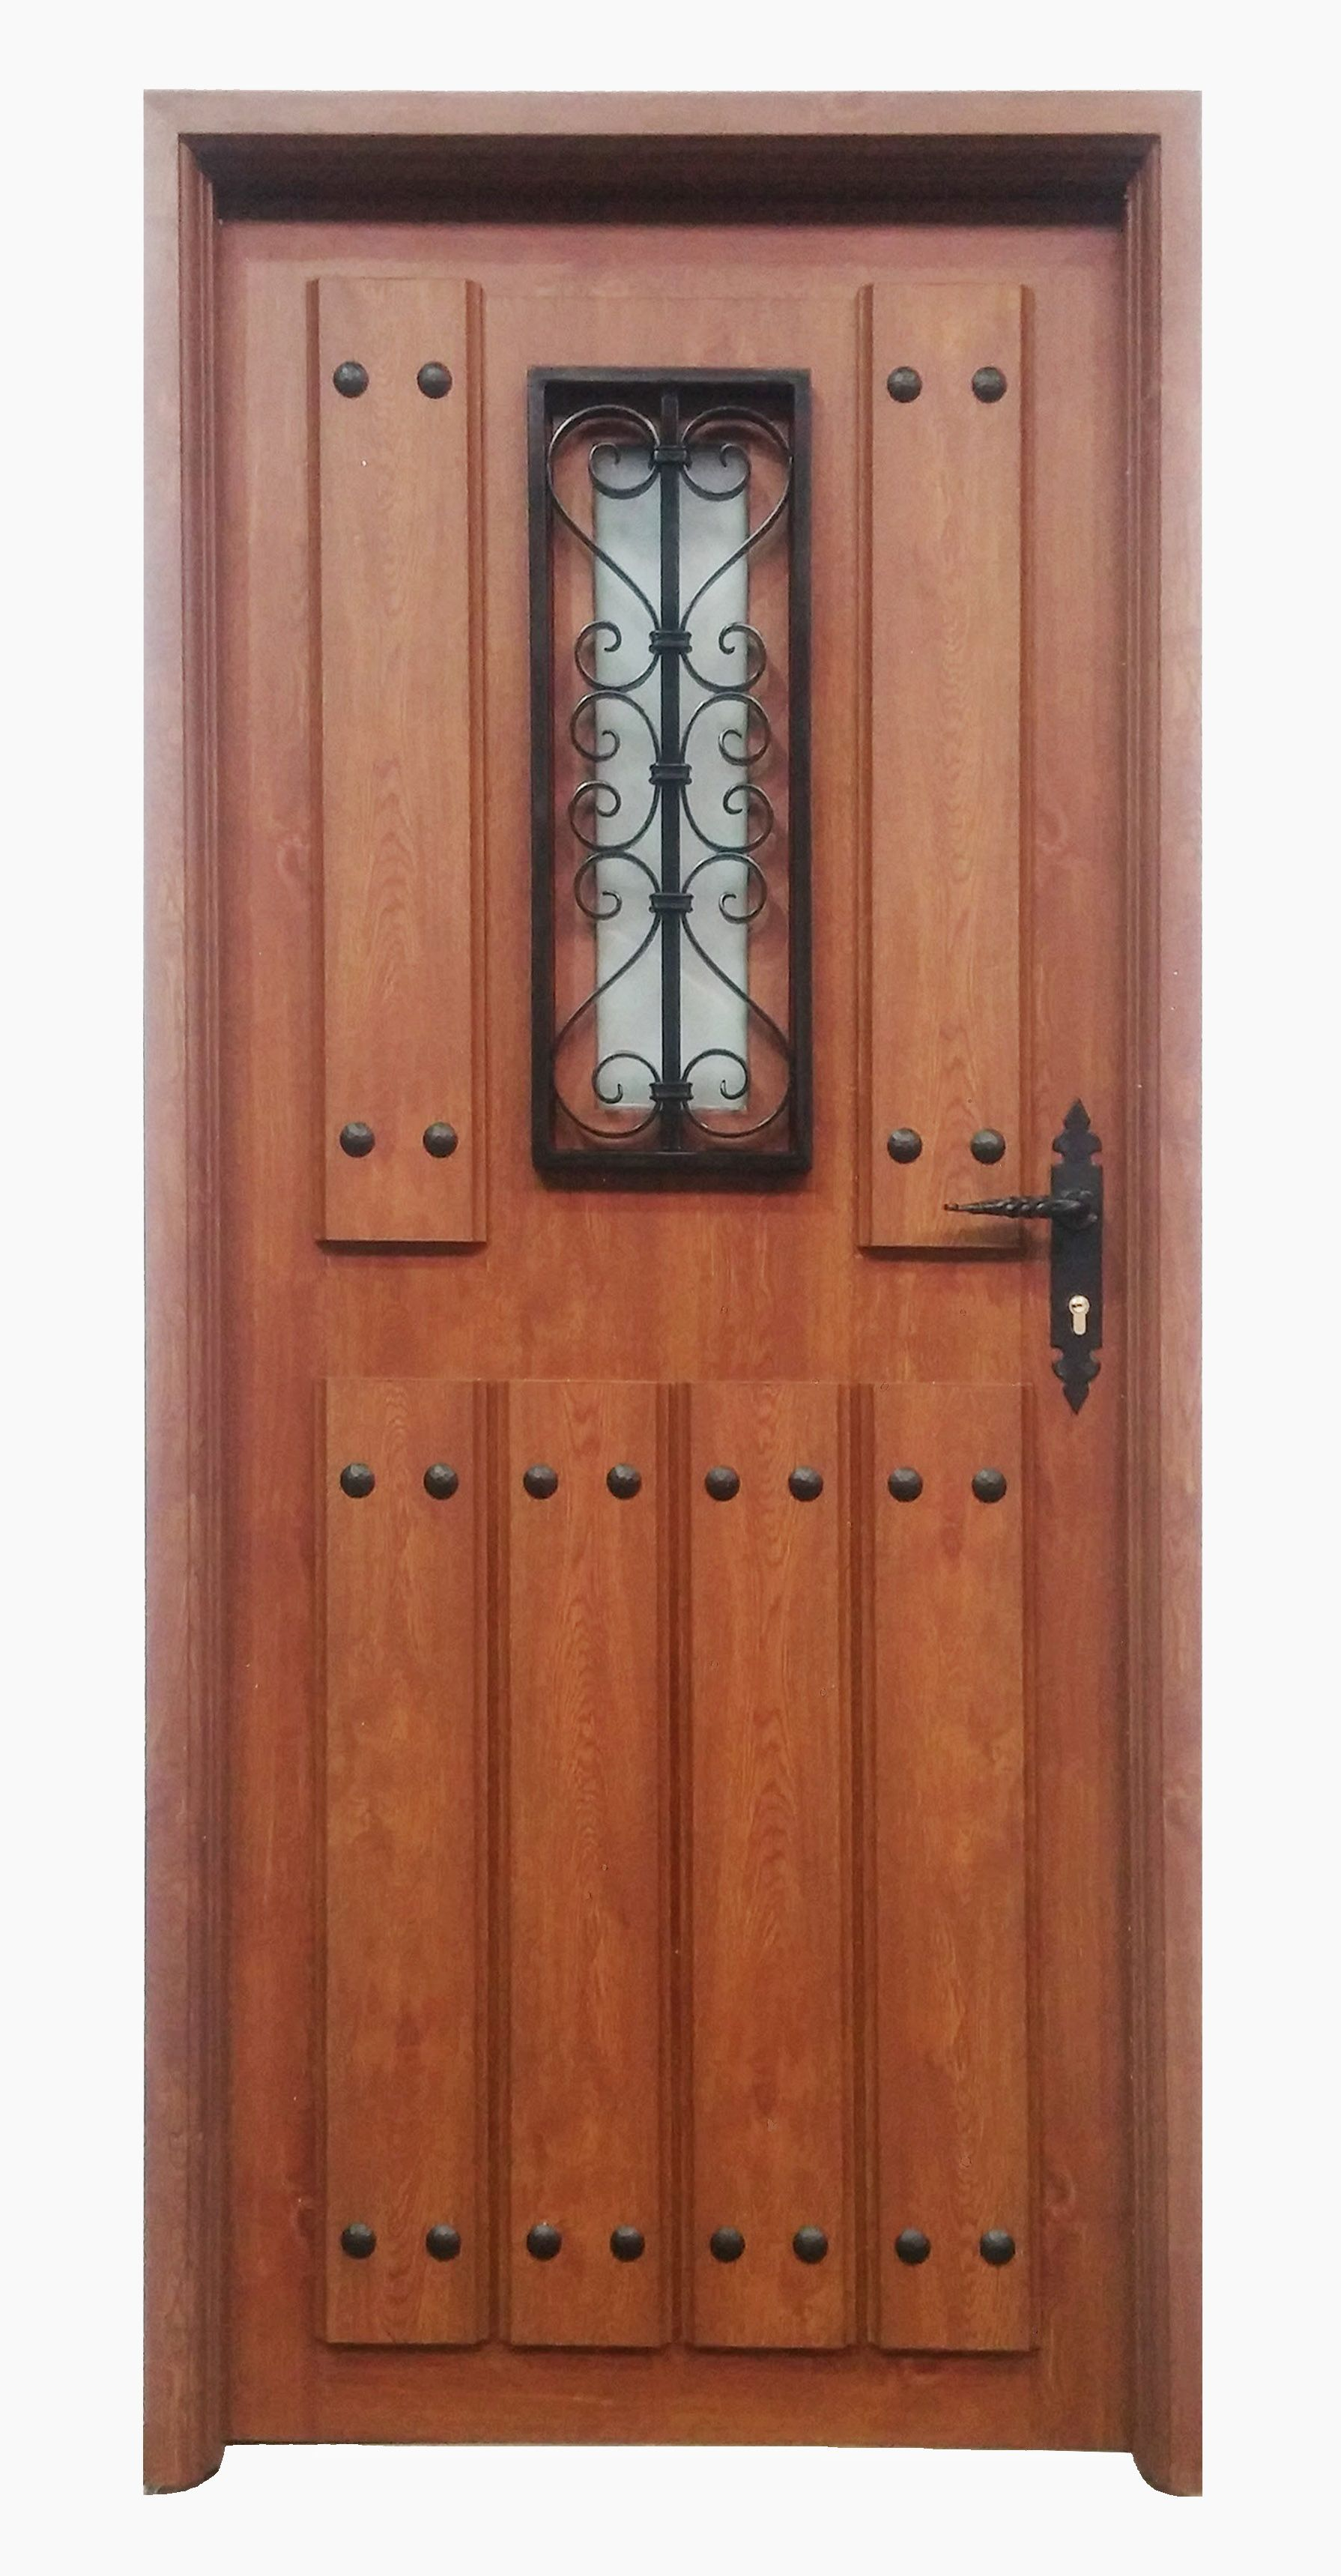 Puerta rustica aragon ventana en color embero puertas for Puerta madera rustica